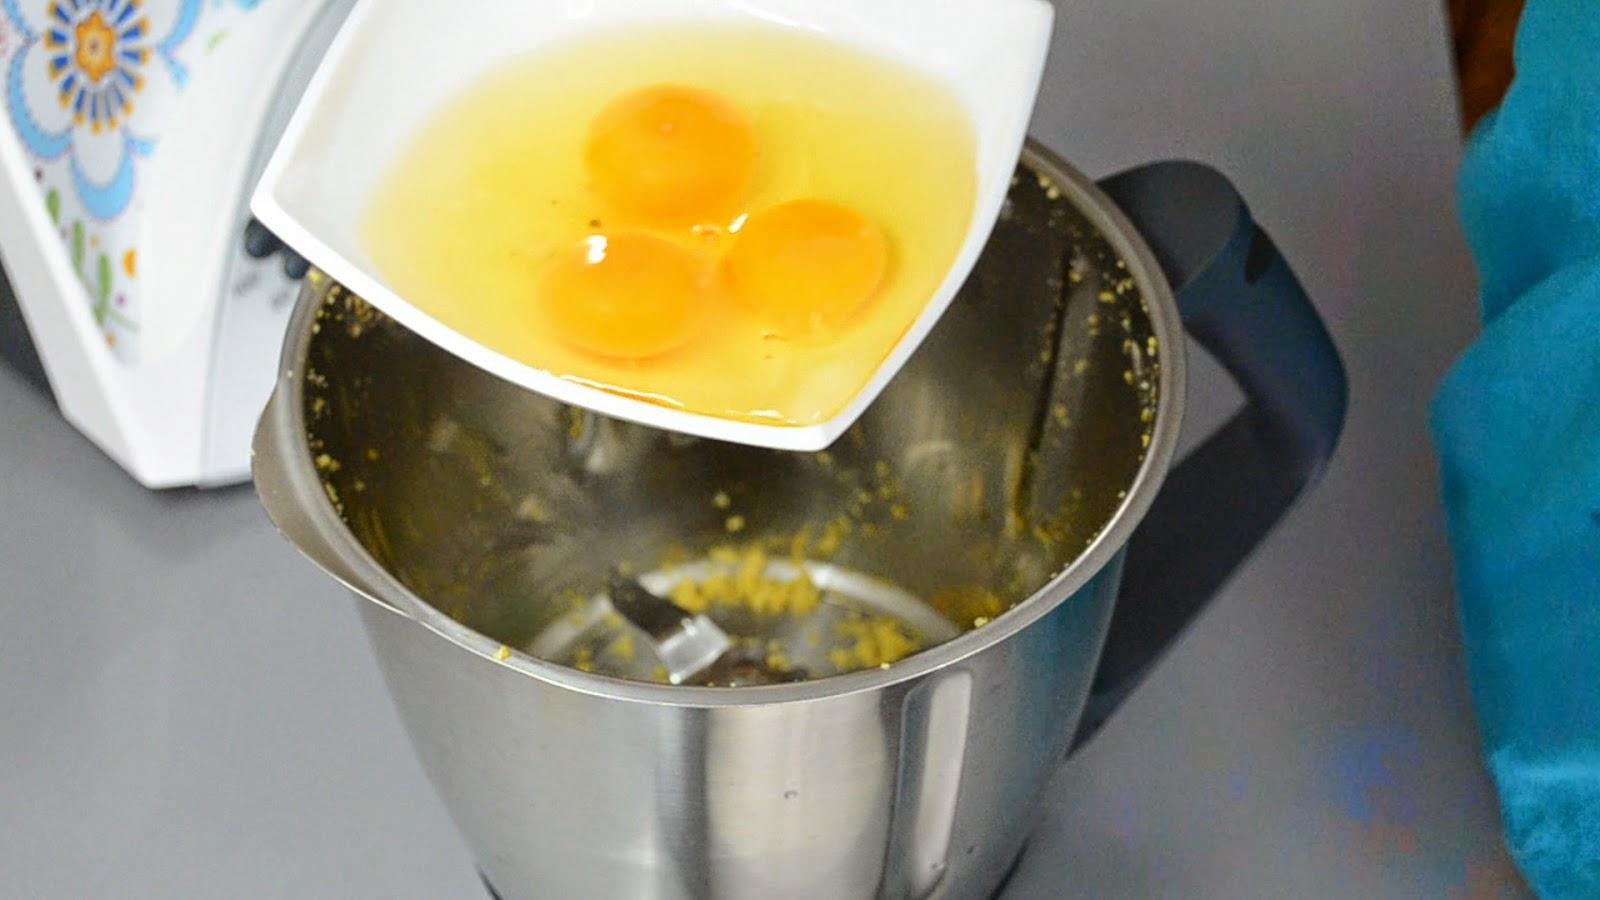 http://recetas-chipironazul.blogspot.com.es/2014/05/bizcocho-de-limon-y-nueces.html